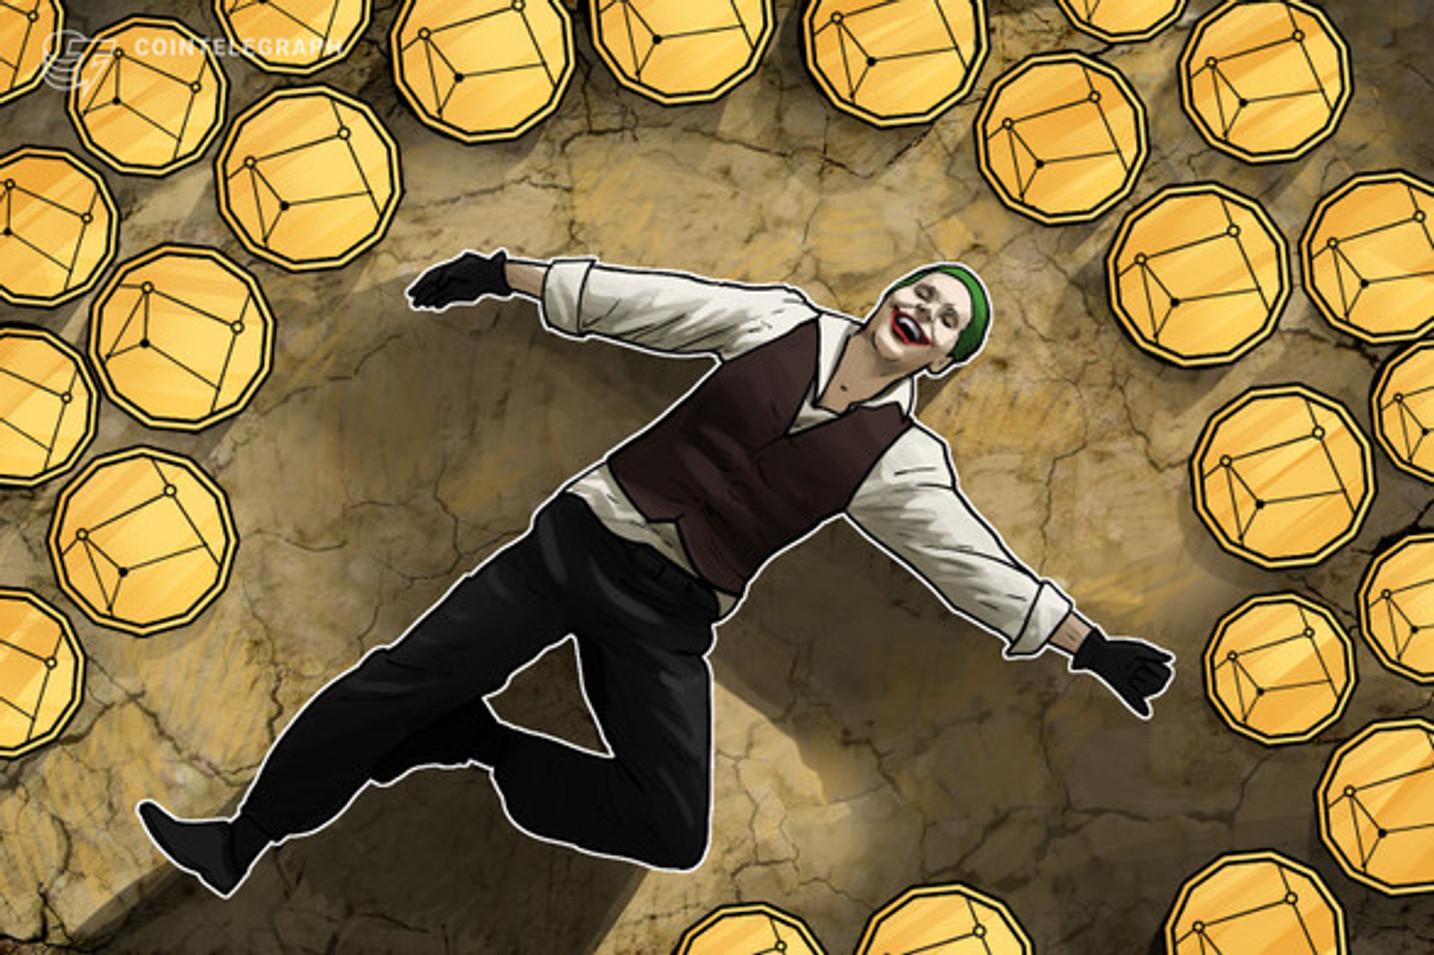 Supremo Tribunal Federal nega liberdade a empresário teria mandado matar advogado por dívida de Bitcoin